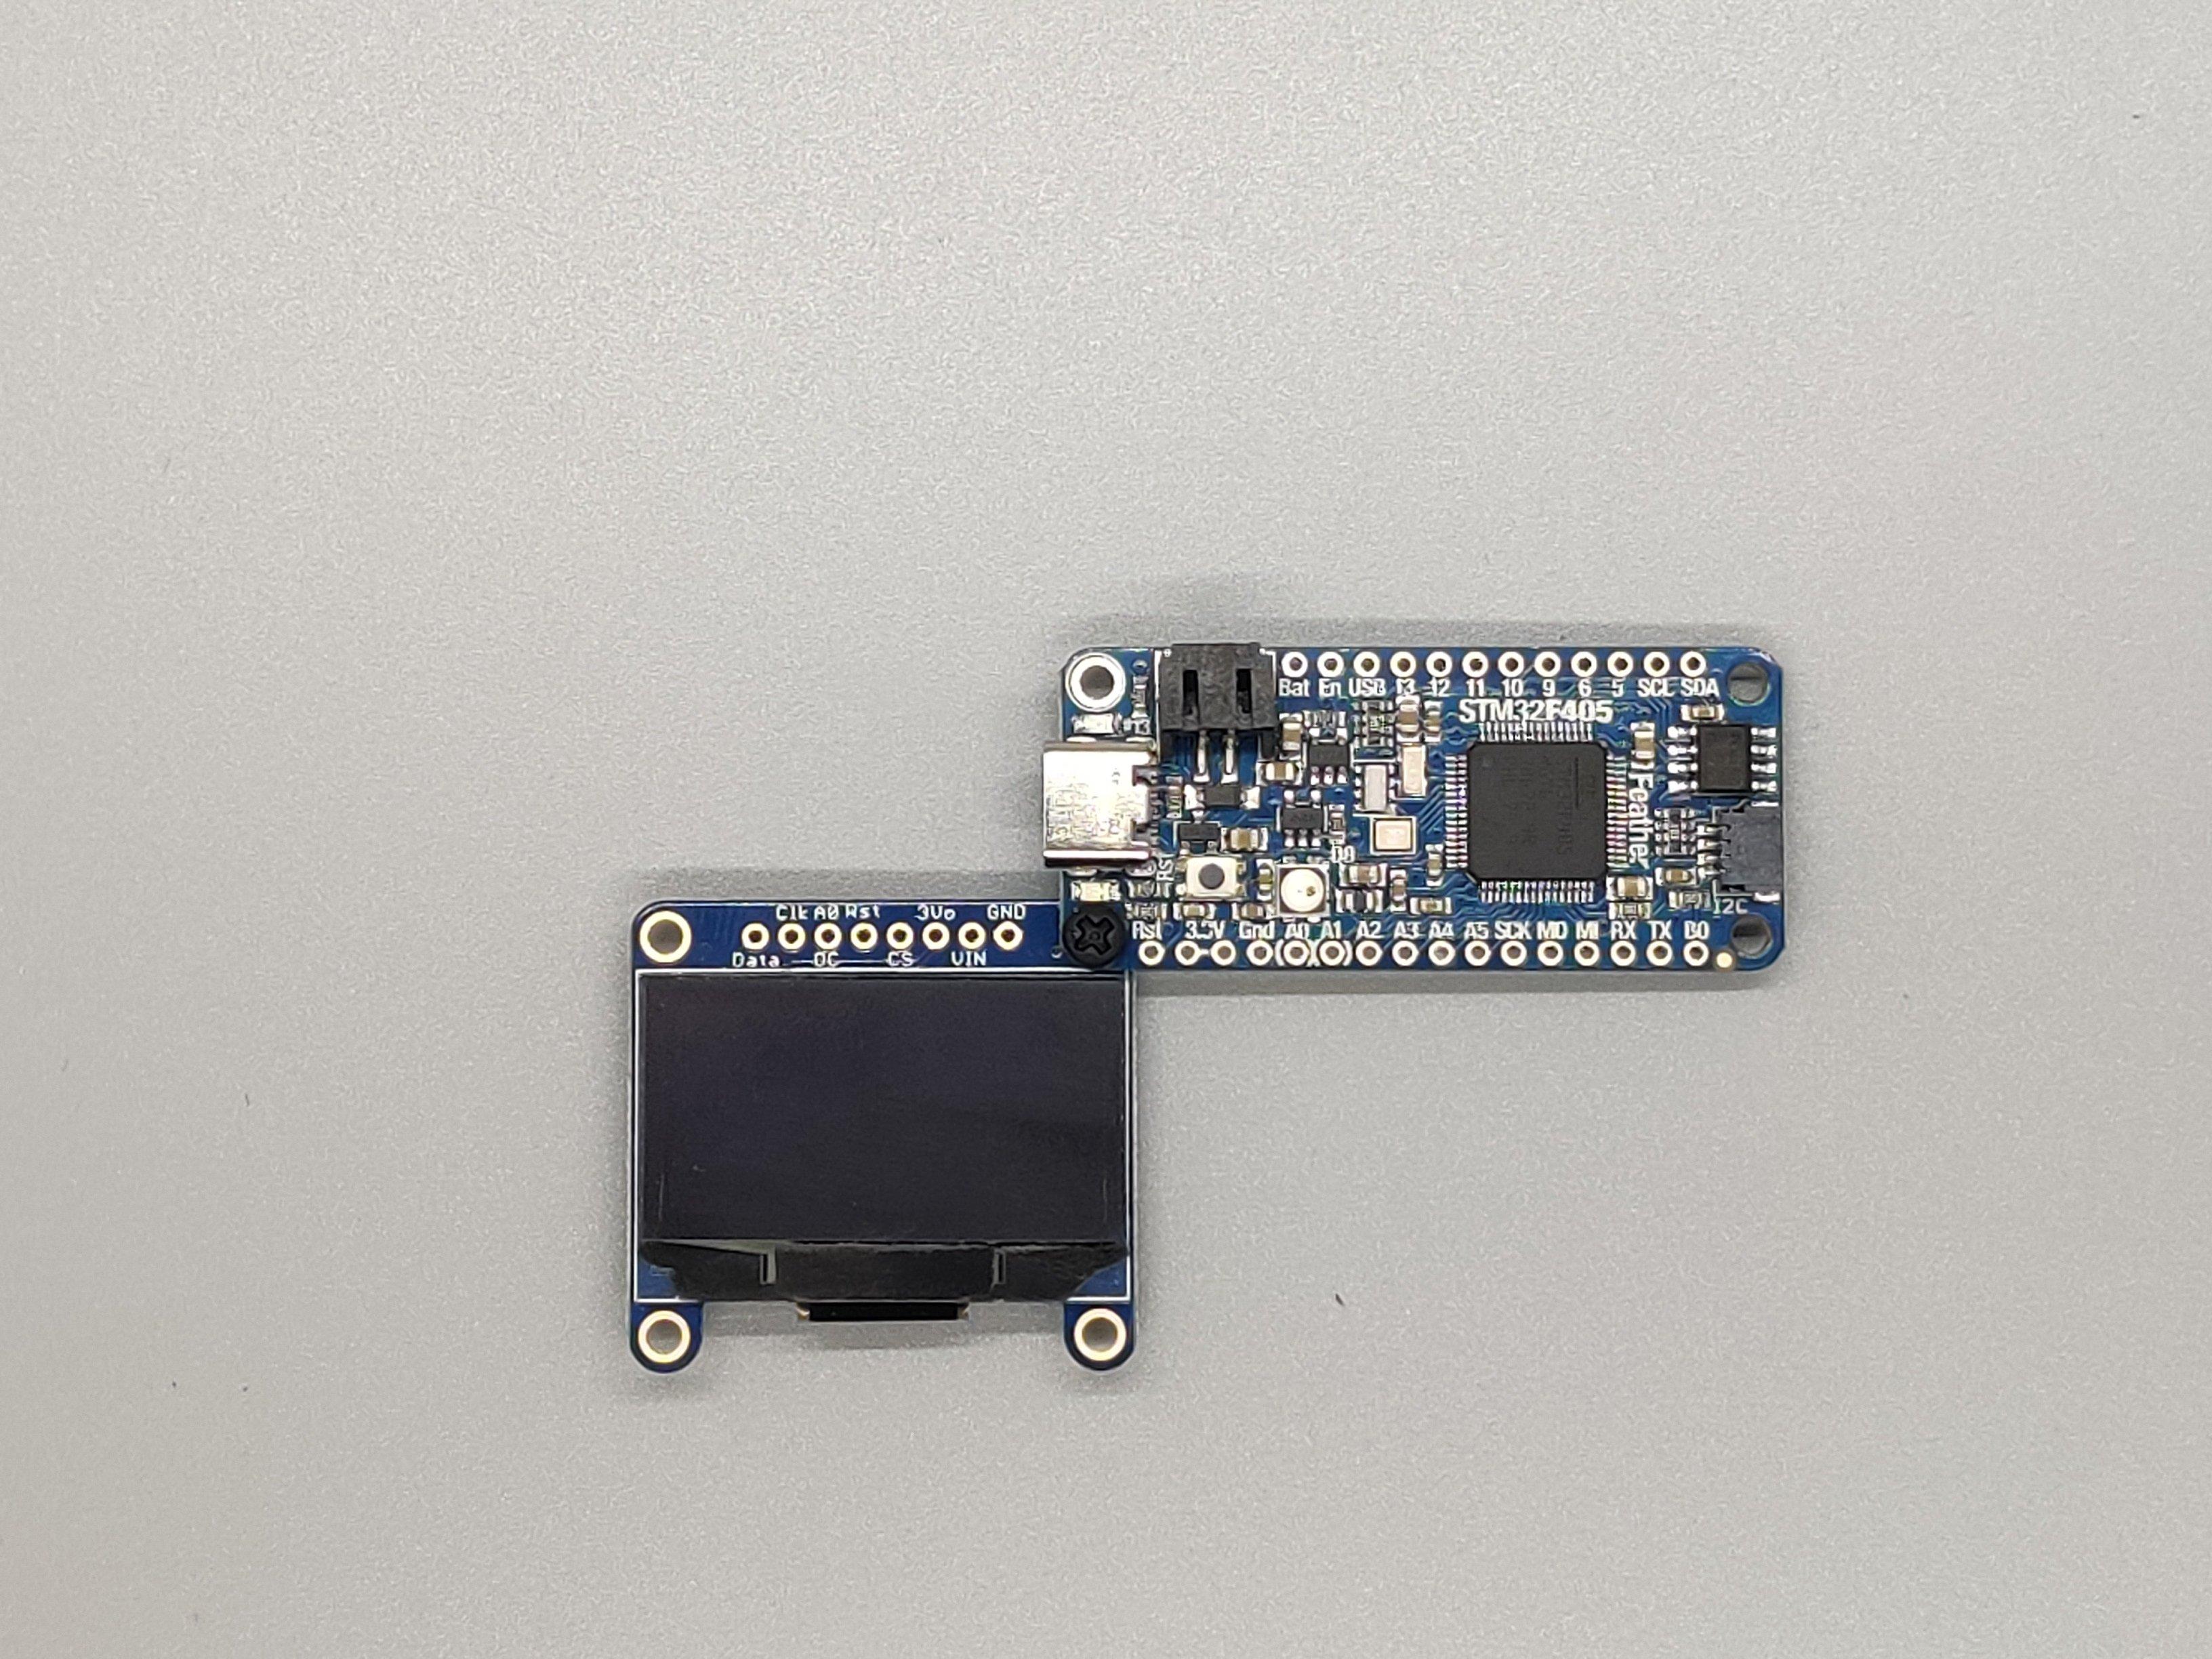 sensors_IMG_20200211_154155.jpg